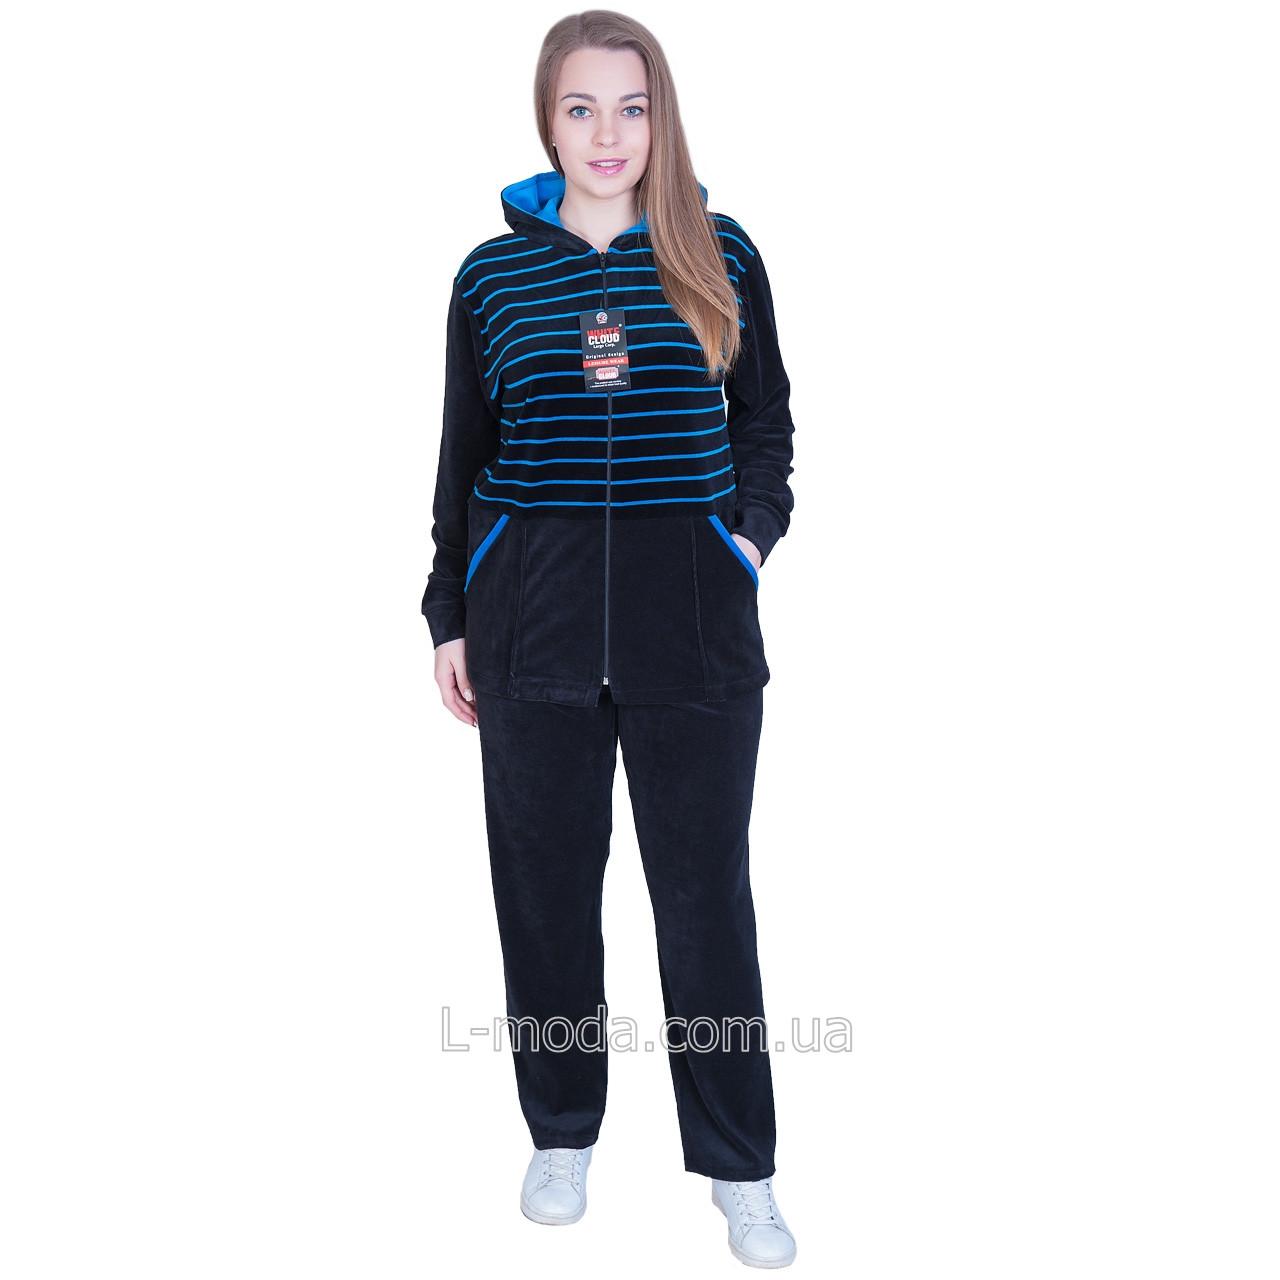 Спортивный костюм женский велюровый с капюшоном темно-синий